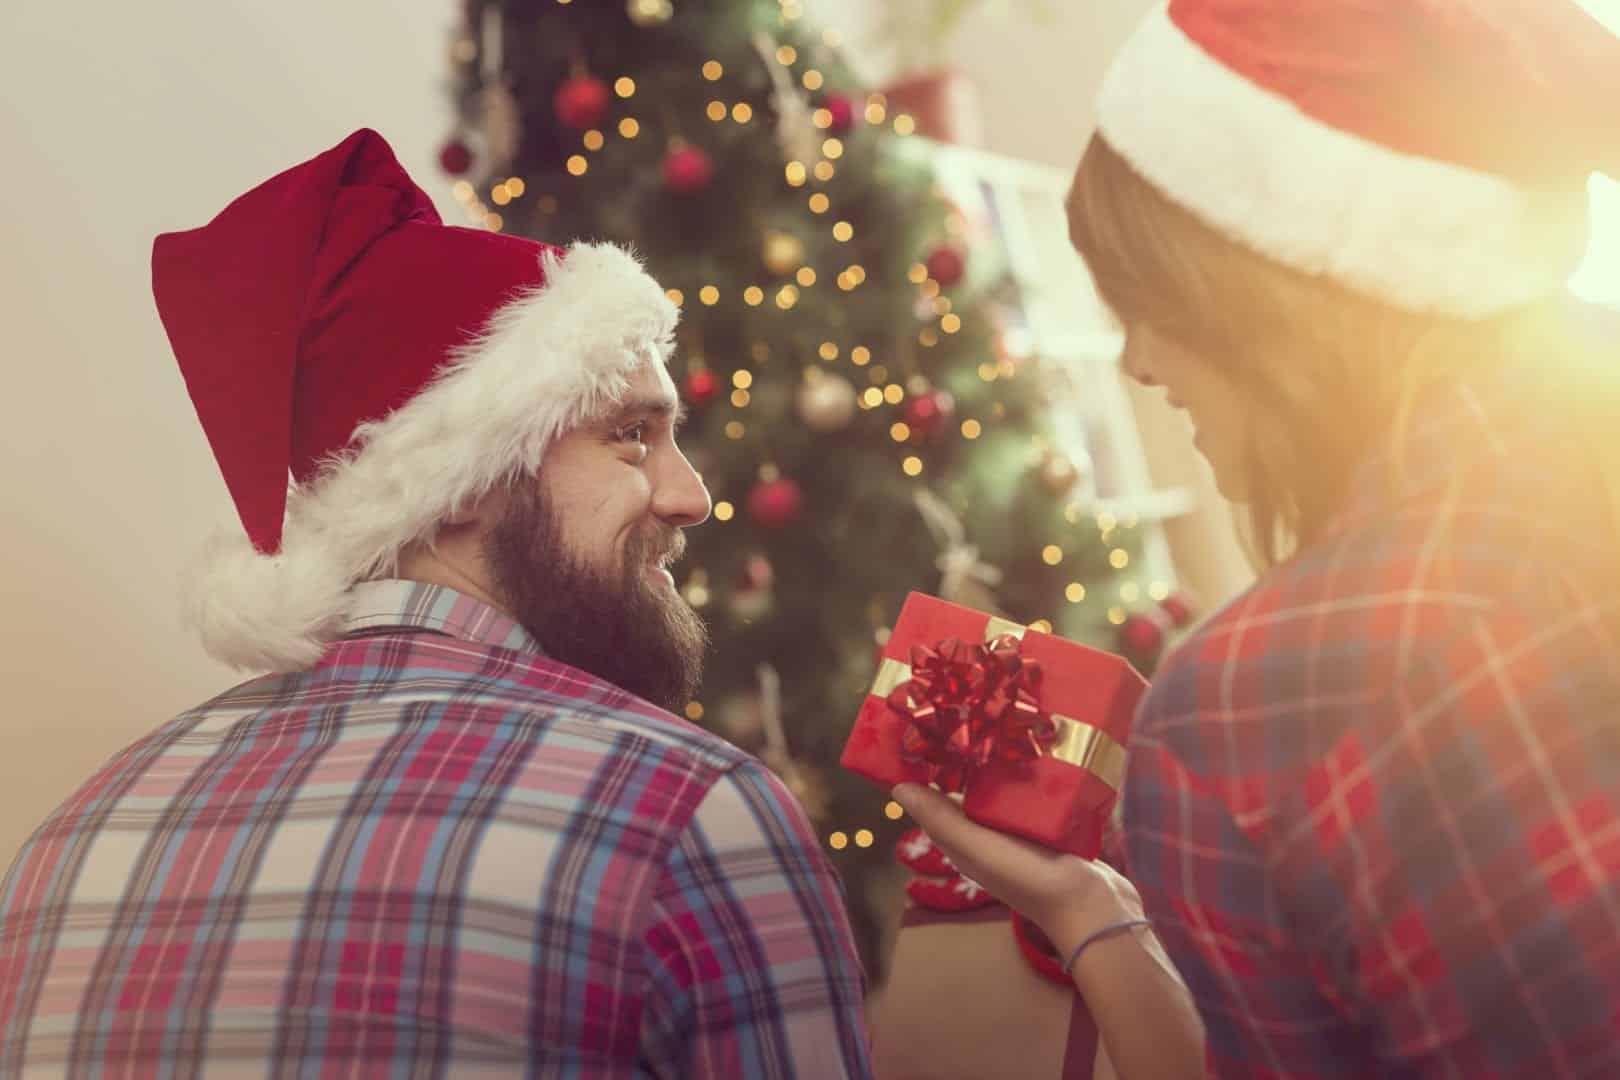 Presentes de Natal para homens - 30 opções criativas para sair do óbvio